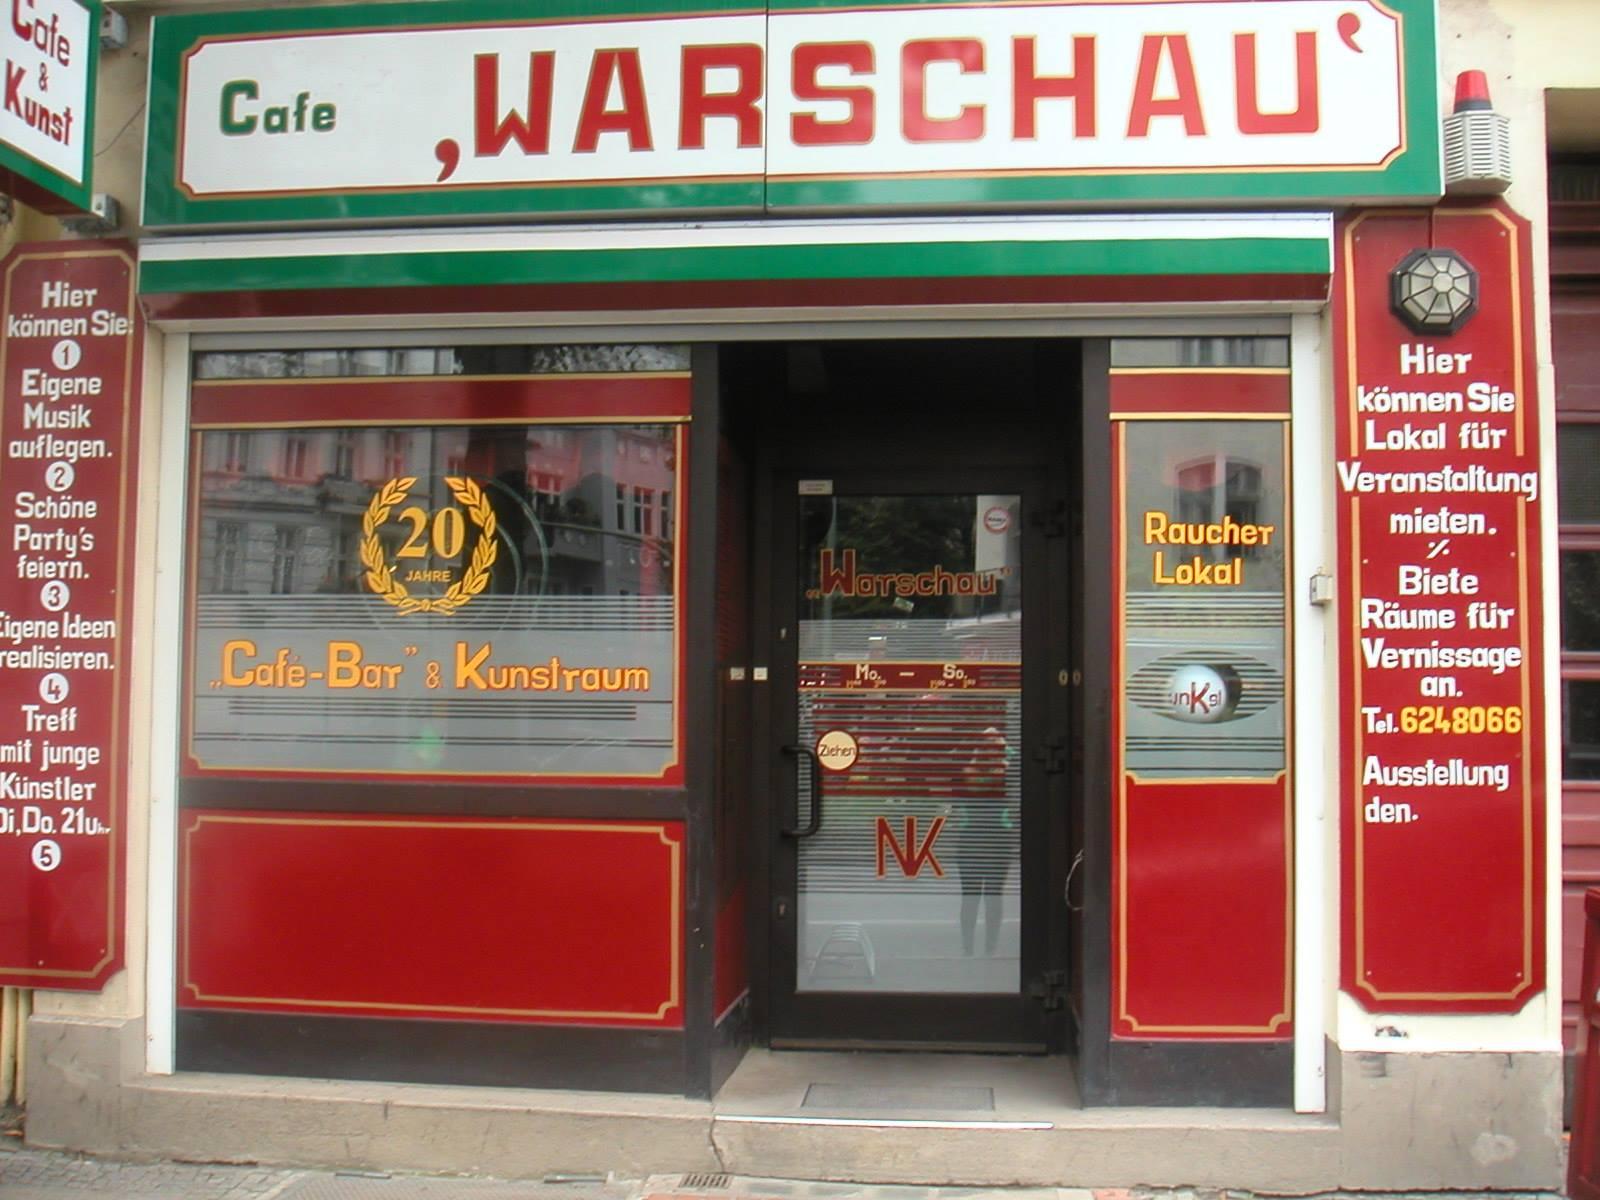 Warschau.jpg